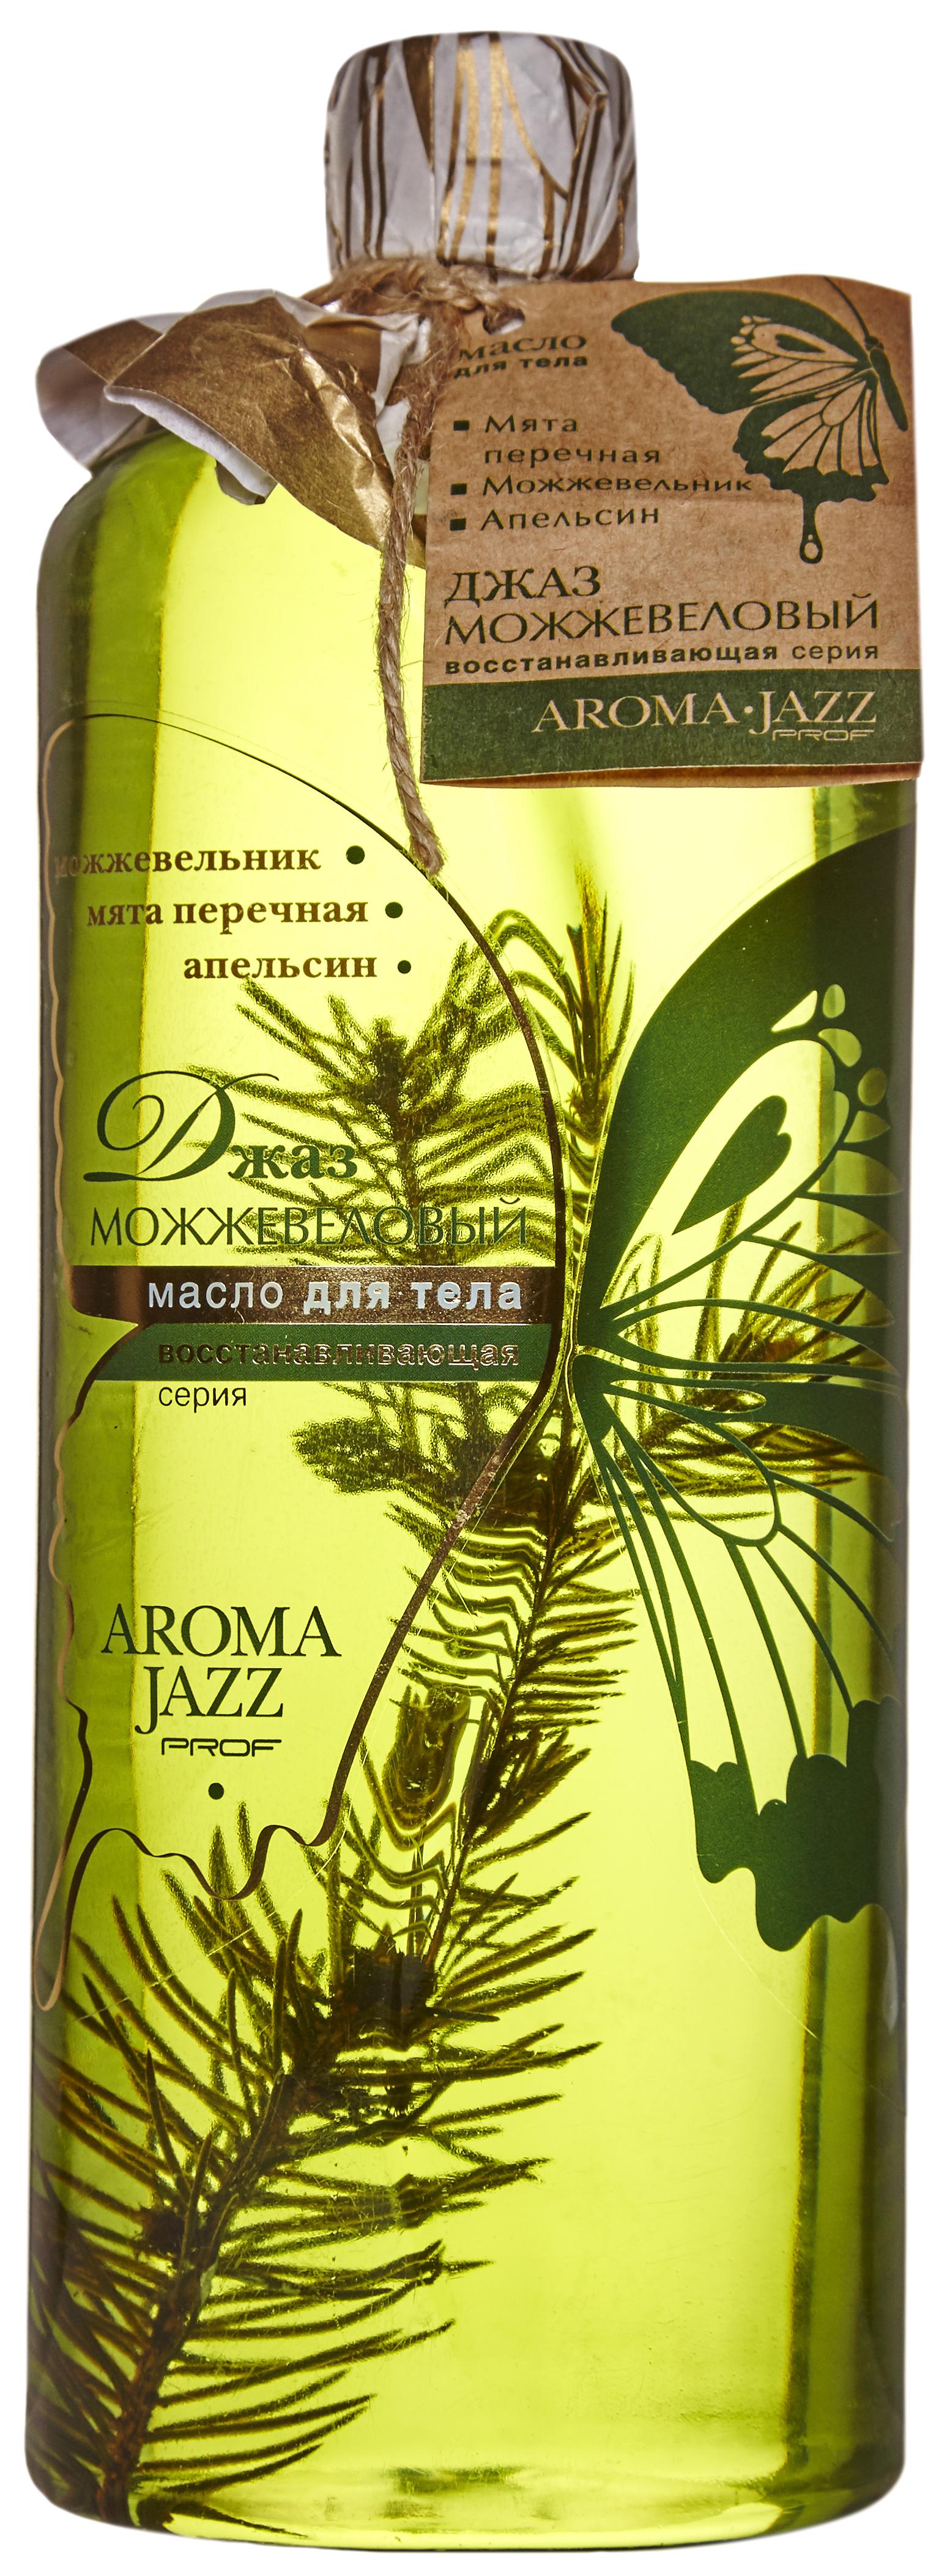 Купить Масло для тела Aroma Jazz Можжевеловый джаз 1000 мл